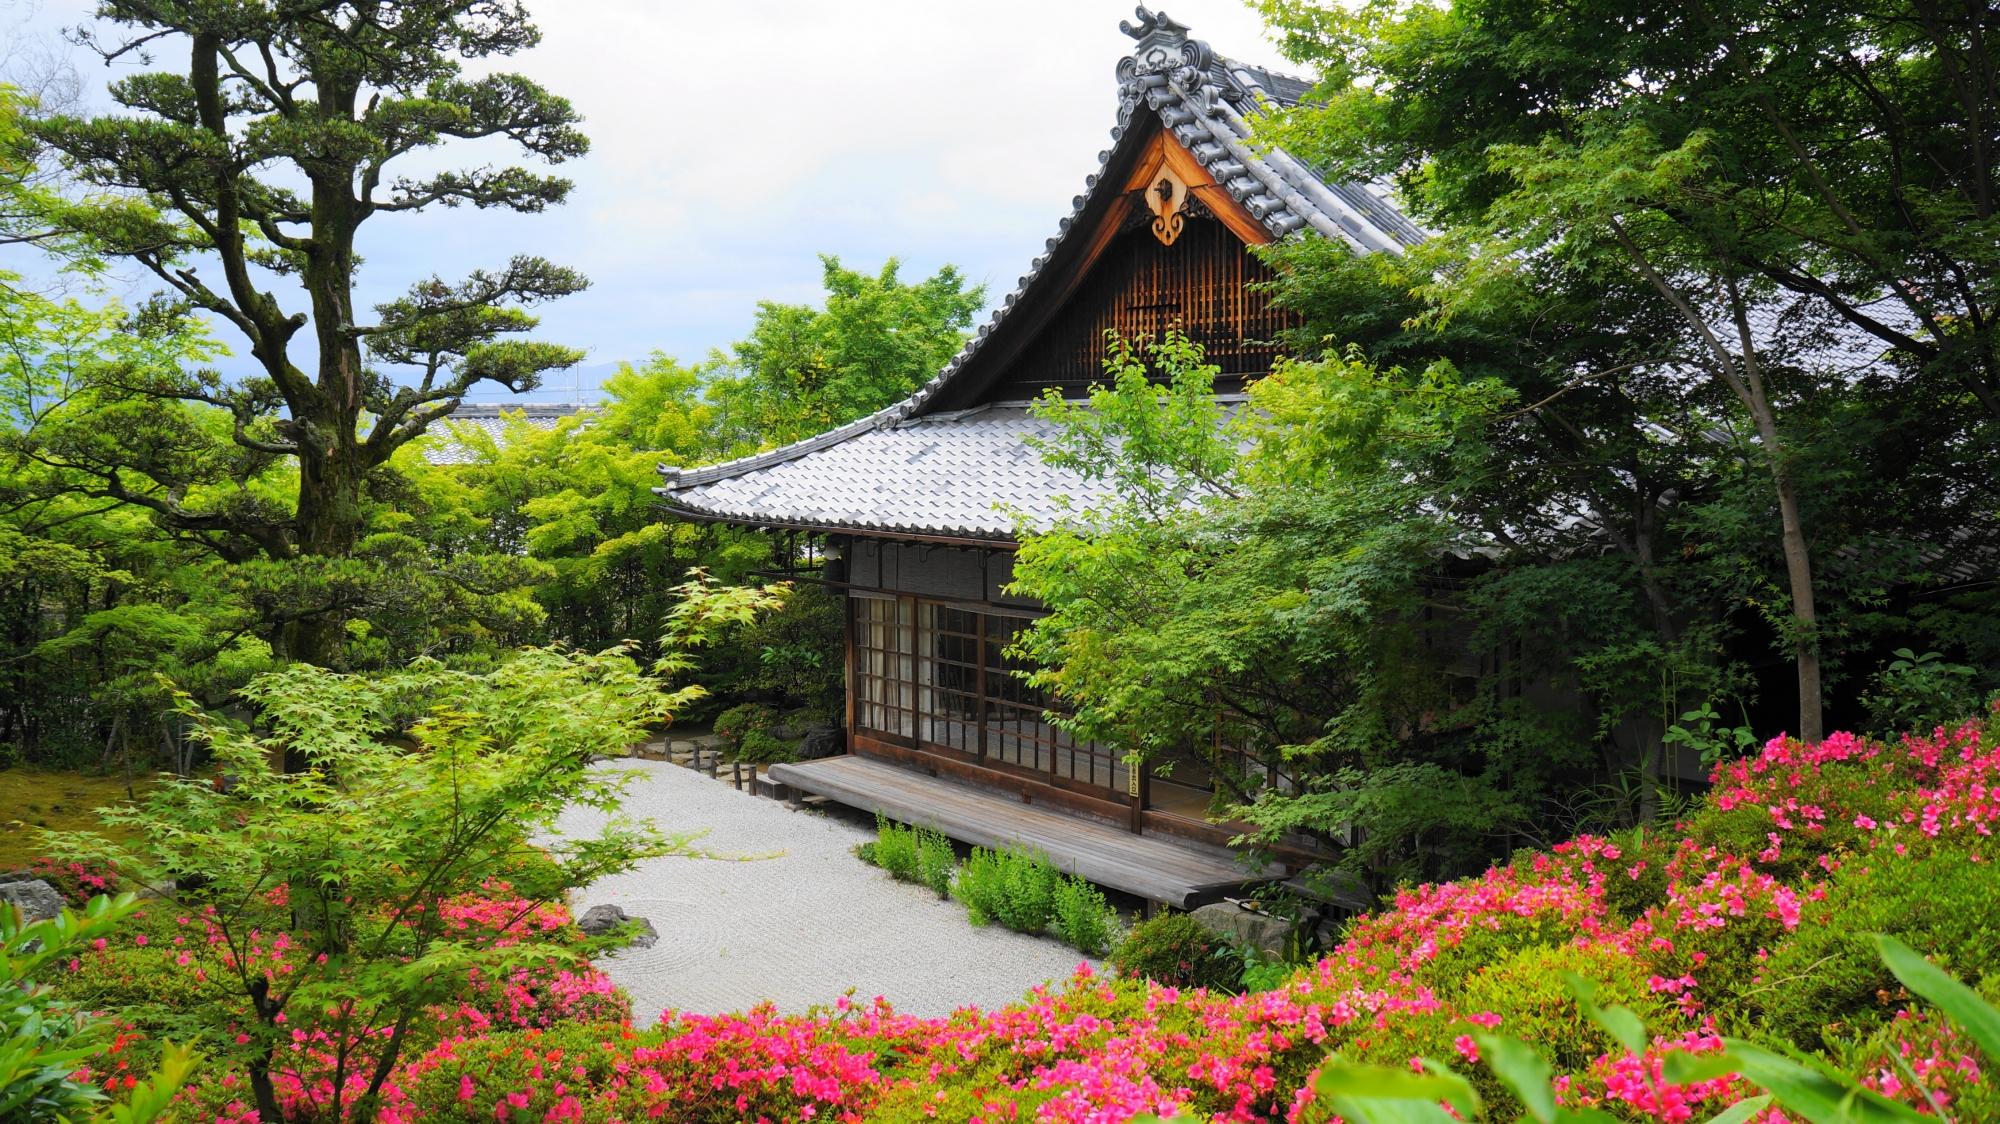 金福寺の春から初夏にかけての絵になる方丈とサツキの風景